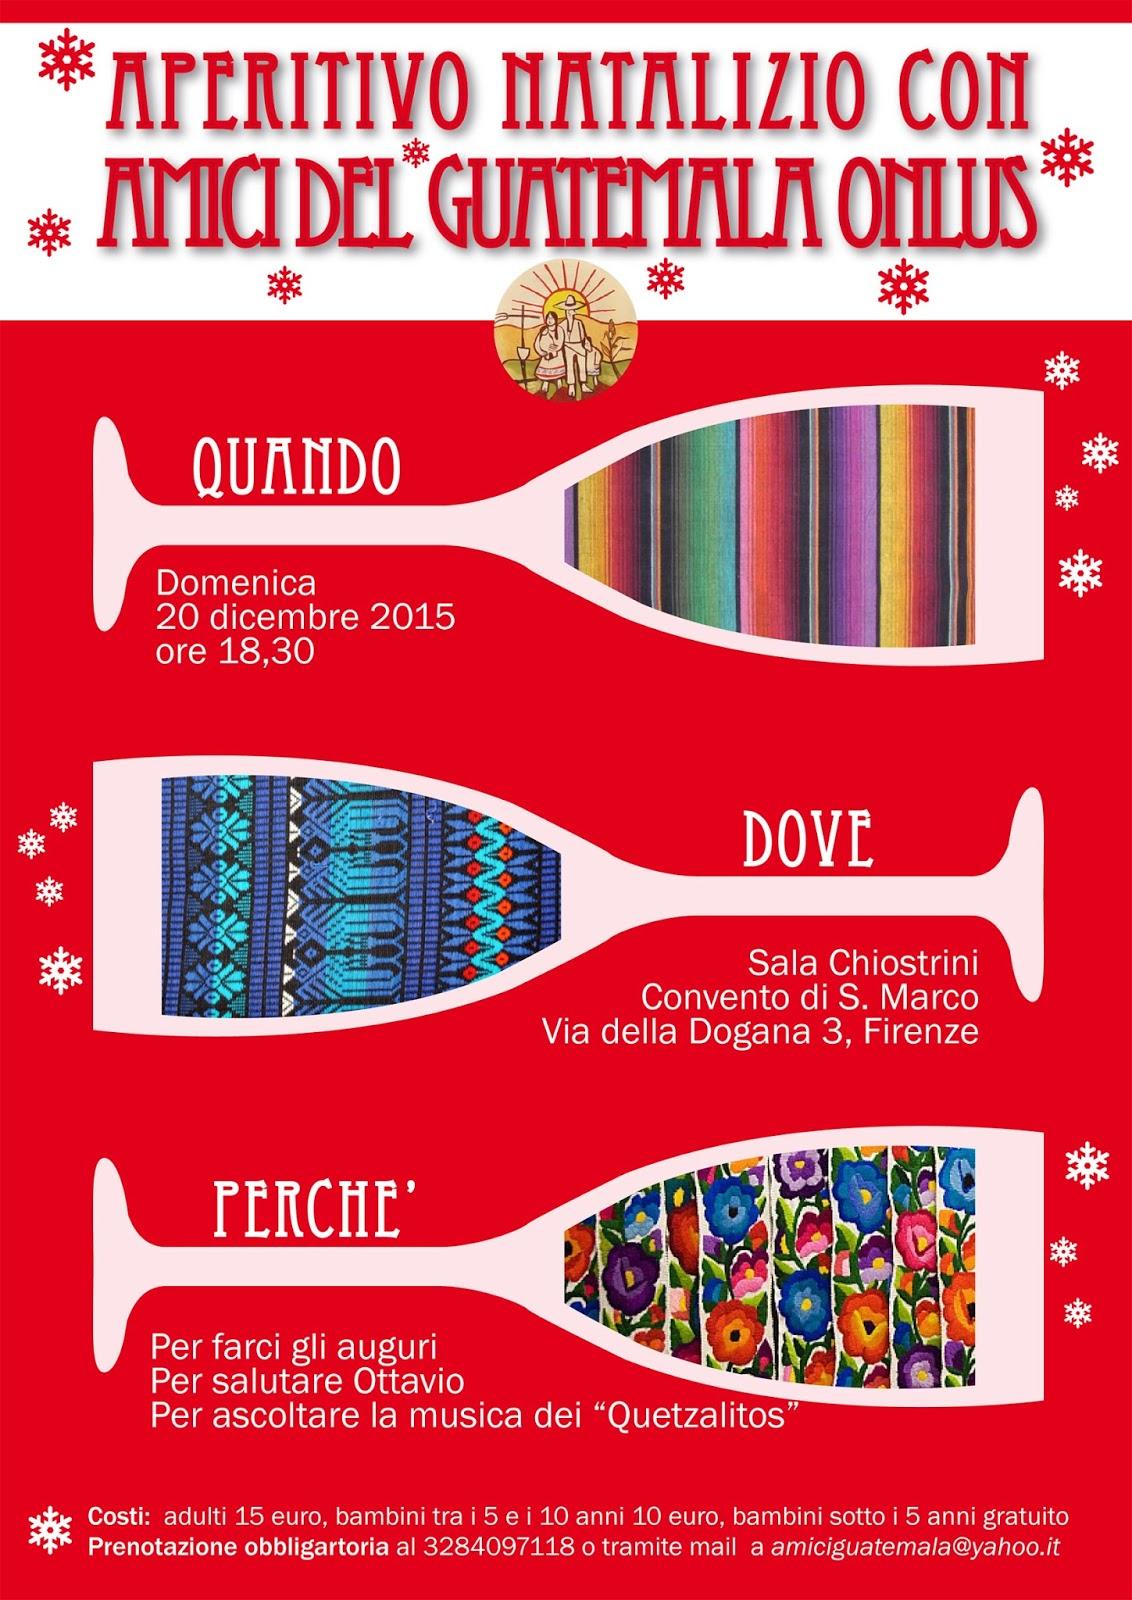 Auguri Di Natale Yahoo.Amici Del Guatemala Onlus Aperitivo Di Natale Con Amici Del Guatemala